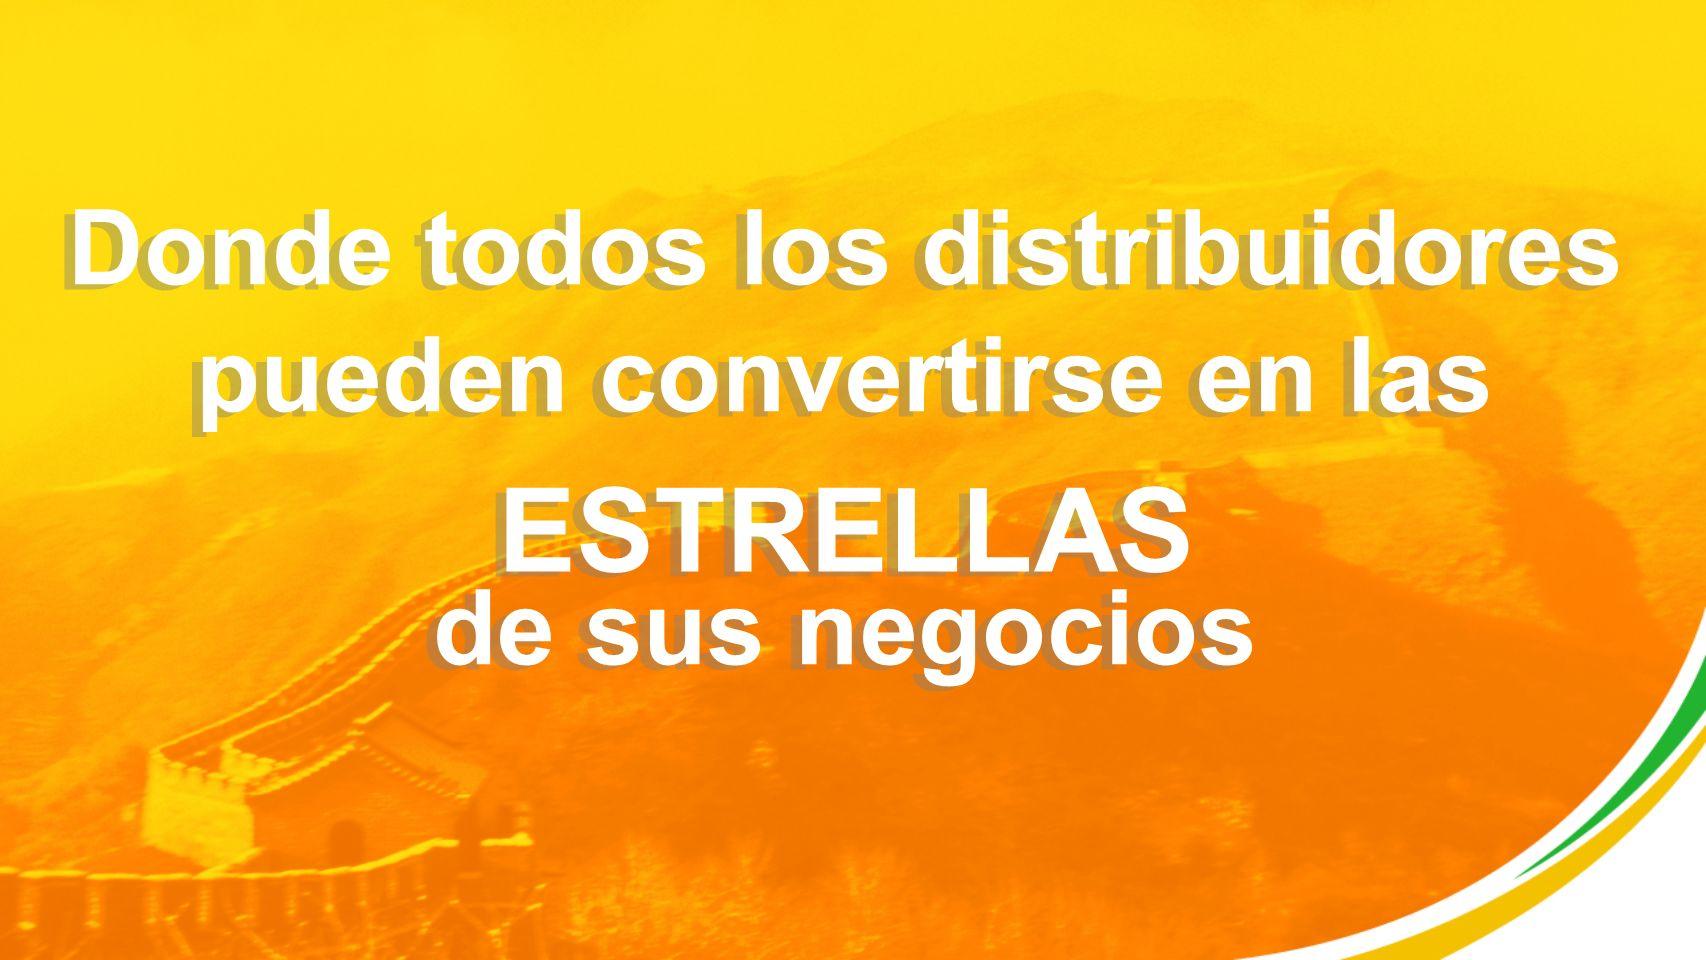 Donde todos los distribuidores pueden convertirse en las de sus negocios ESTRELLAS